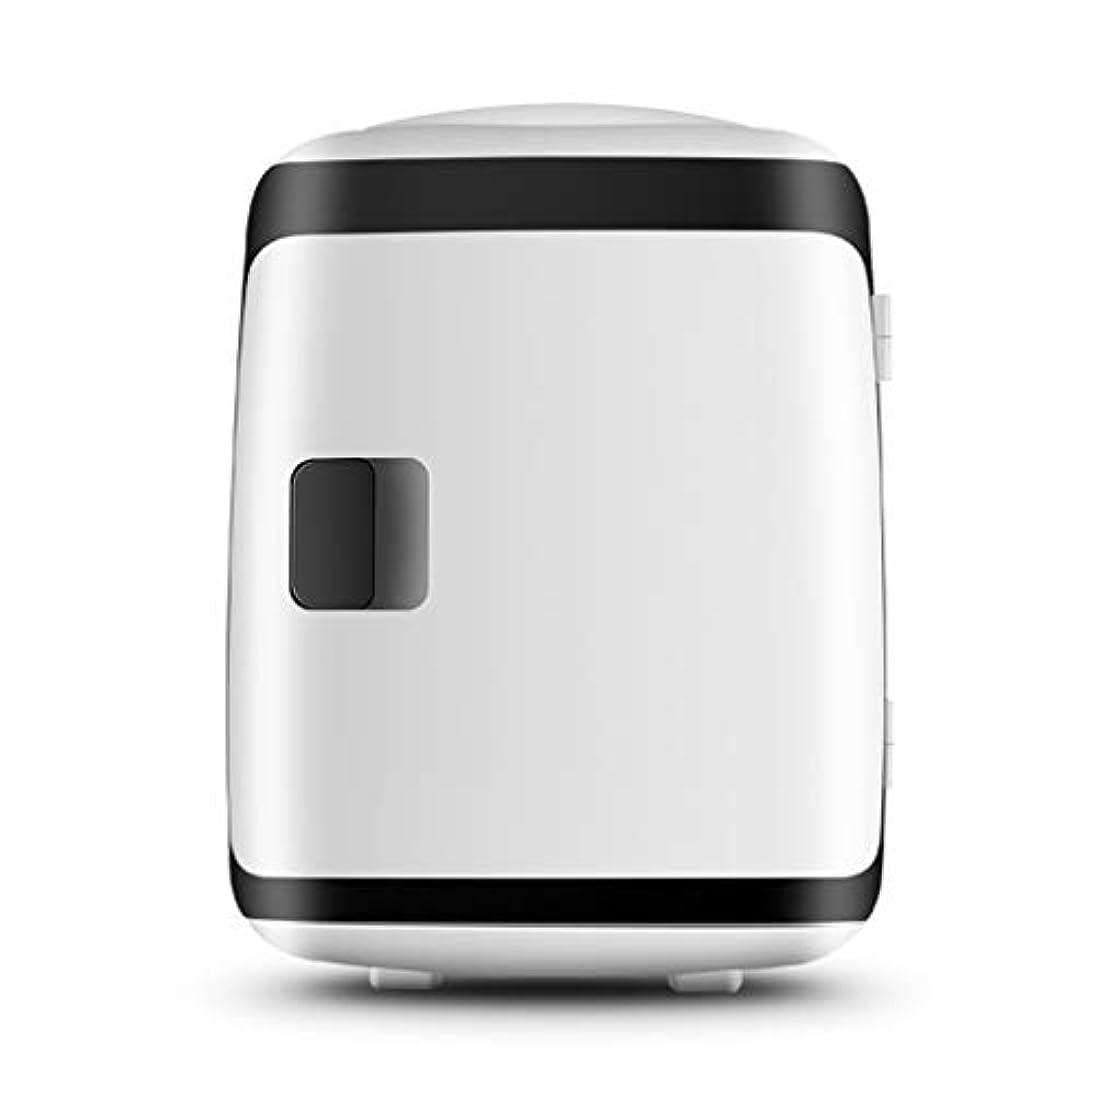 熱棚素晴らしい良い多くの冷蔵庫 小型 冷温庫 ミニ冷蔵庫 ミニ冷蔵庫13L小型冷蔵庫シングルドアコンパクトクーラーウォーマーは車ホームオフィス寮のための取り外し可能な棚を含めます 保冷庫 小型冷蔵庫 ミニ冷蔵庫 (Color : Black)